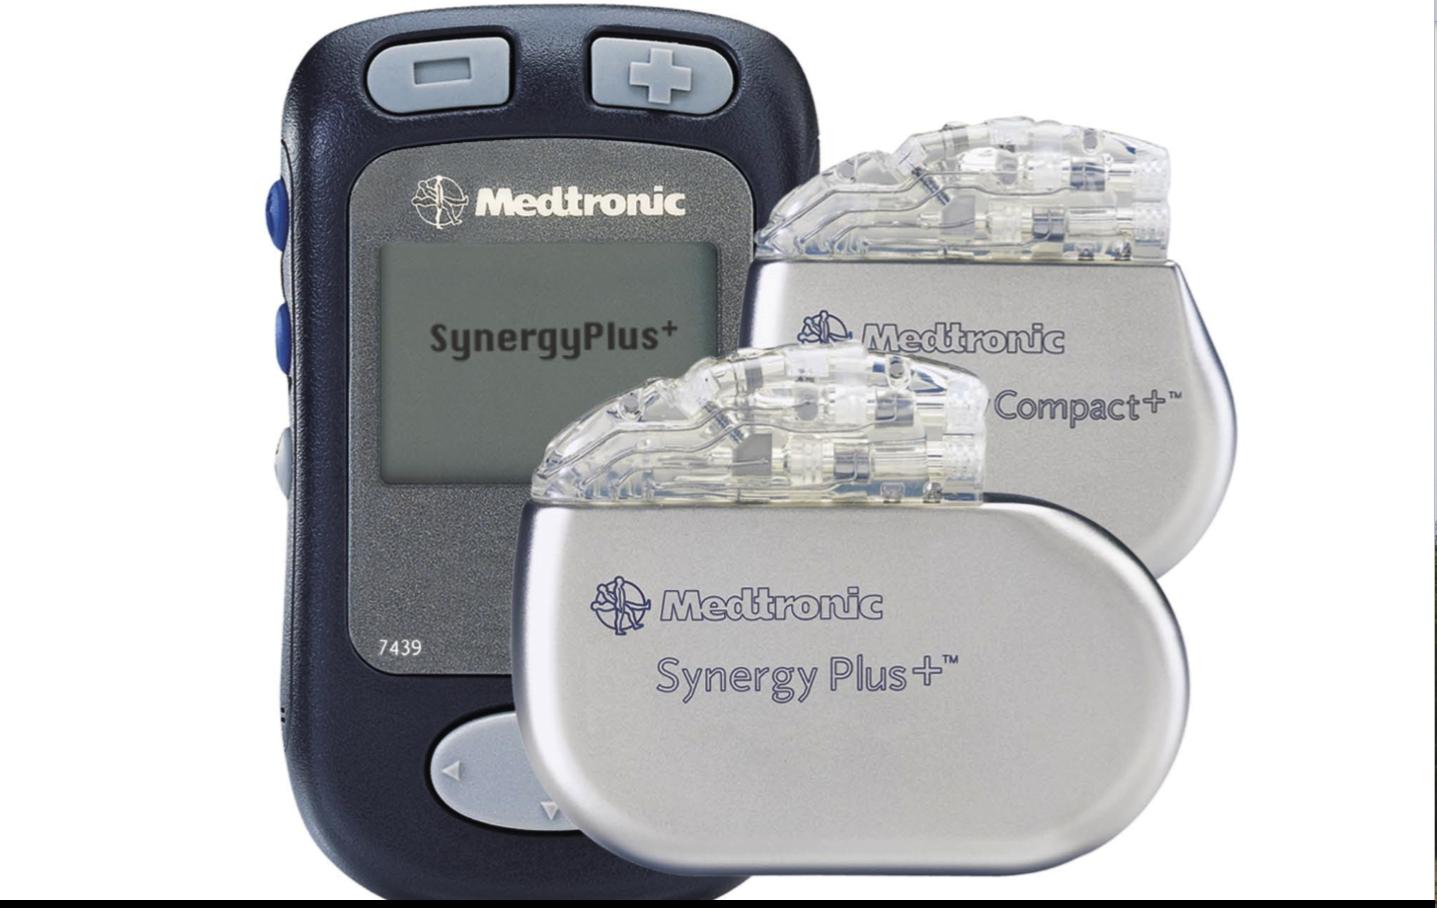 SynergyPlus Trilogy